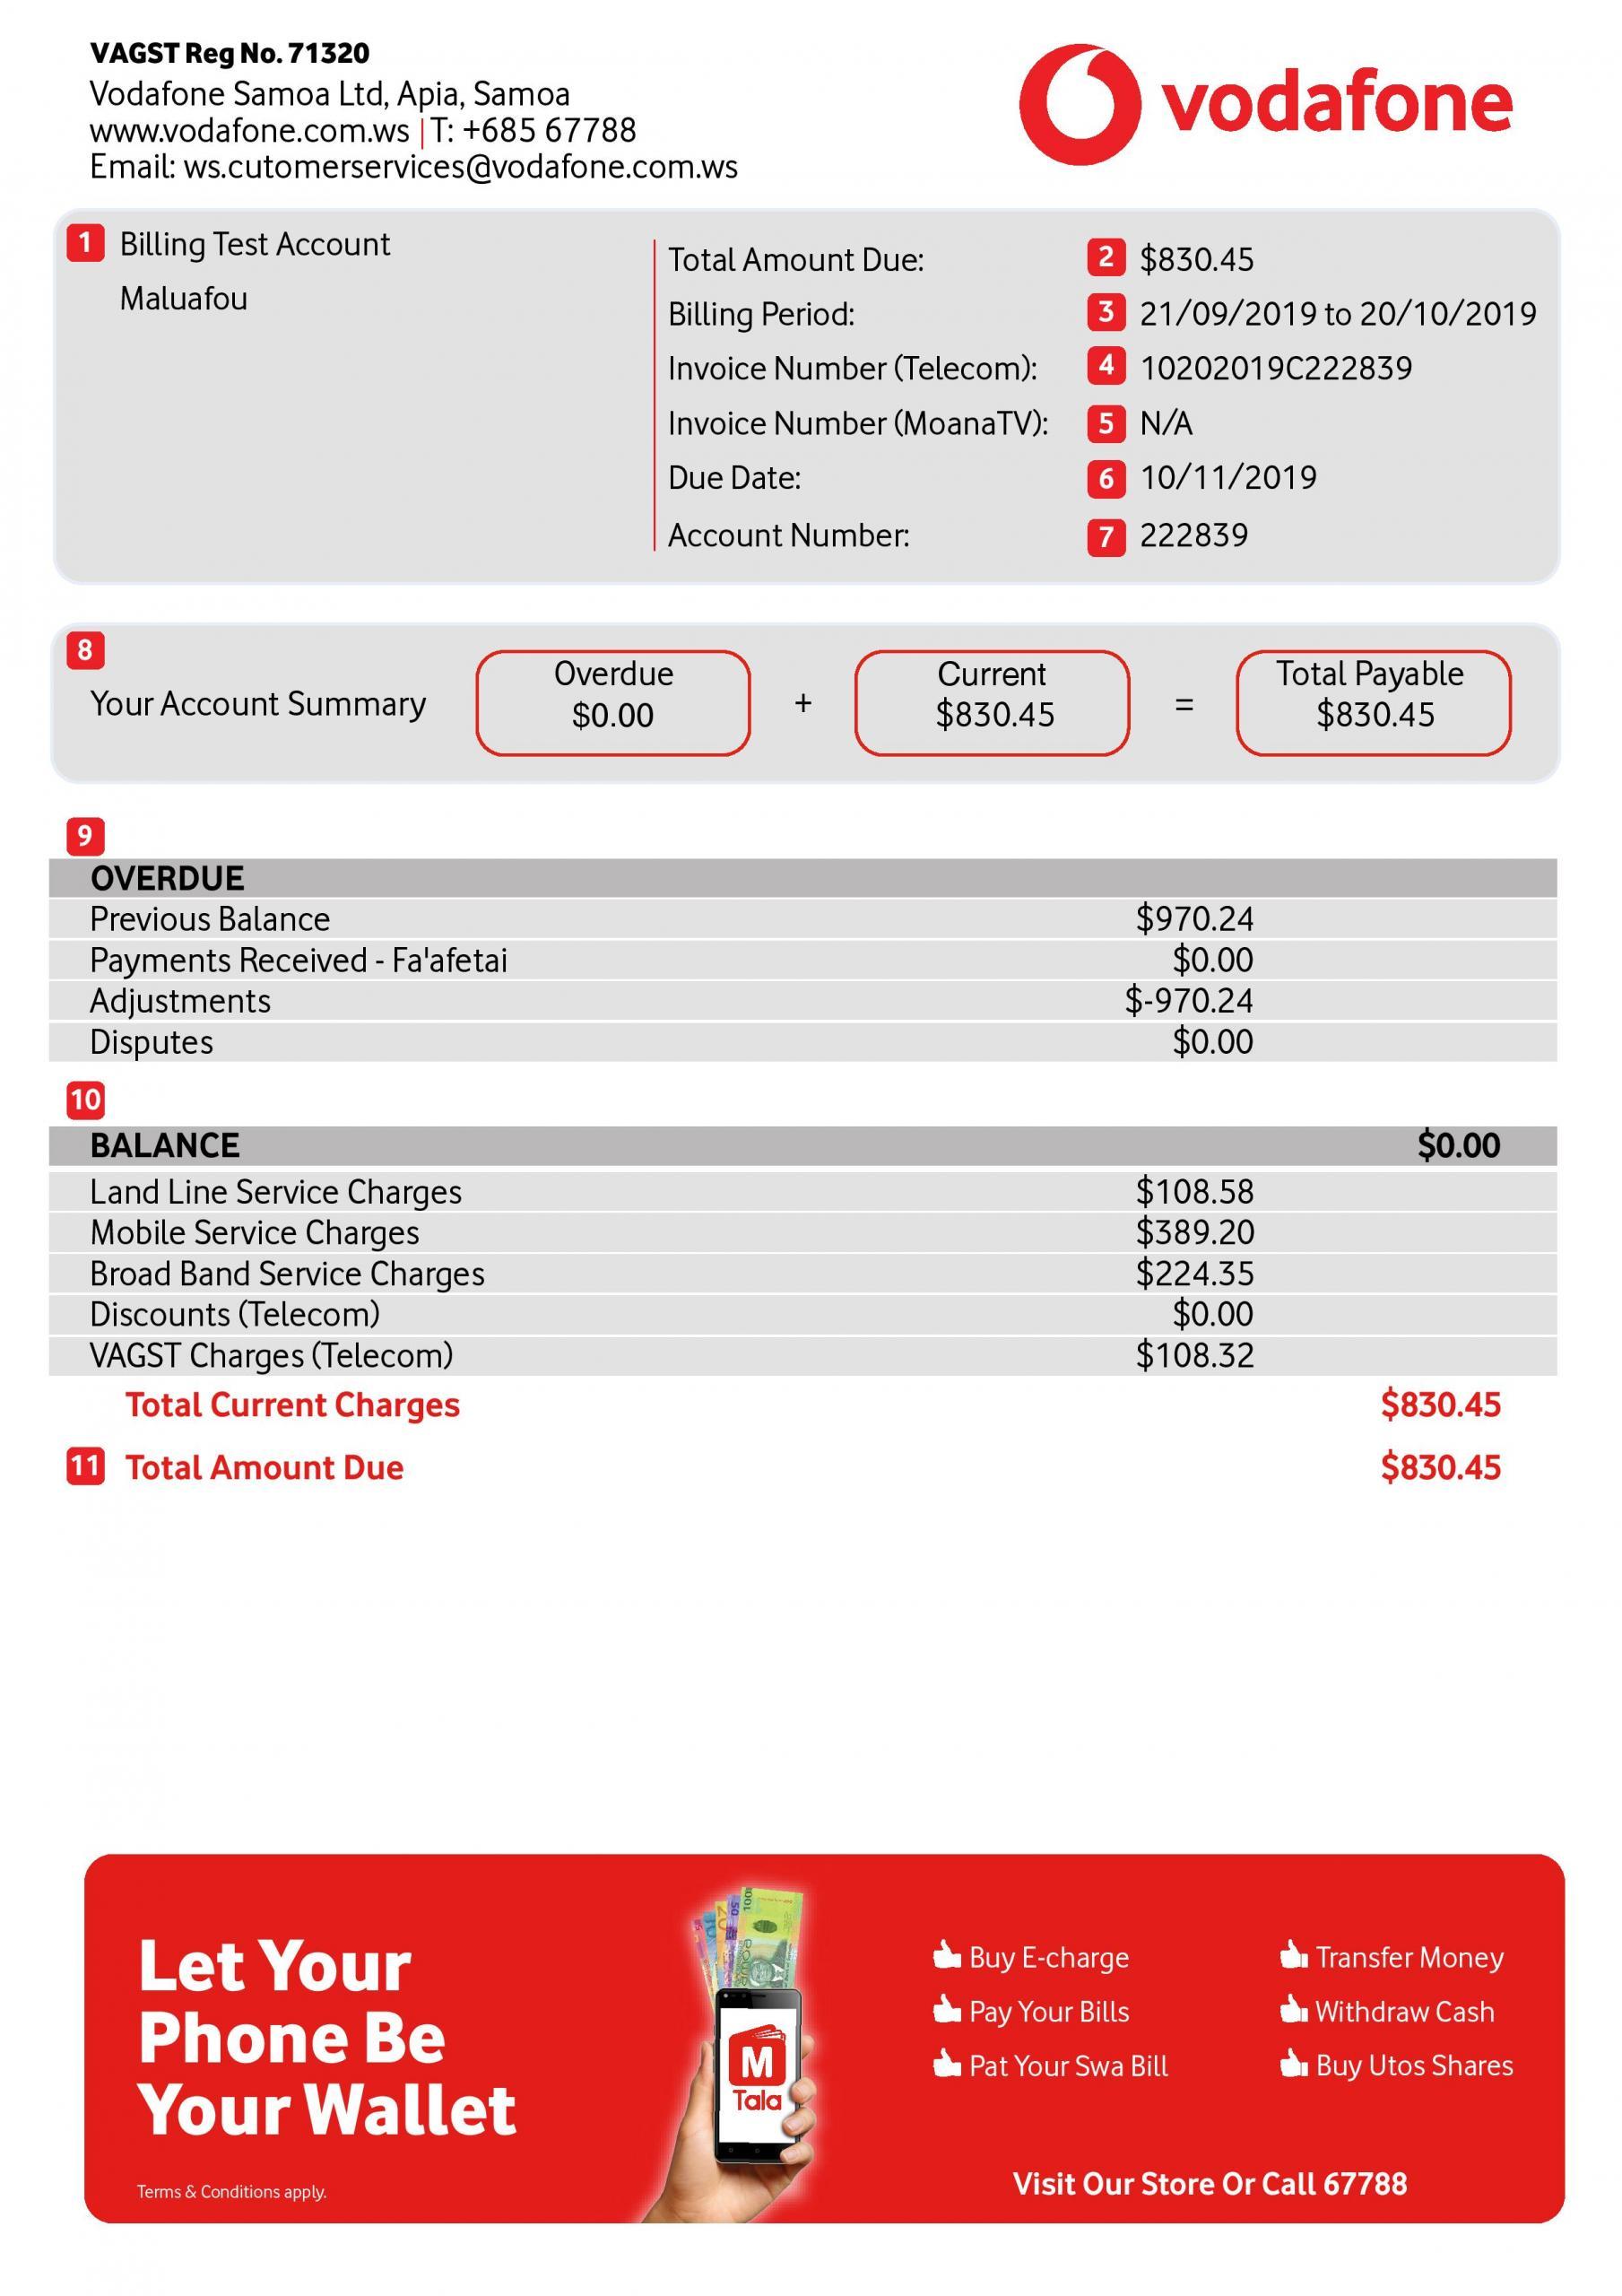 Vodafone Bill Summary